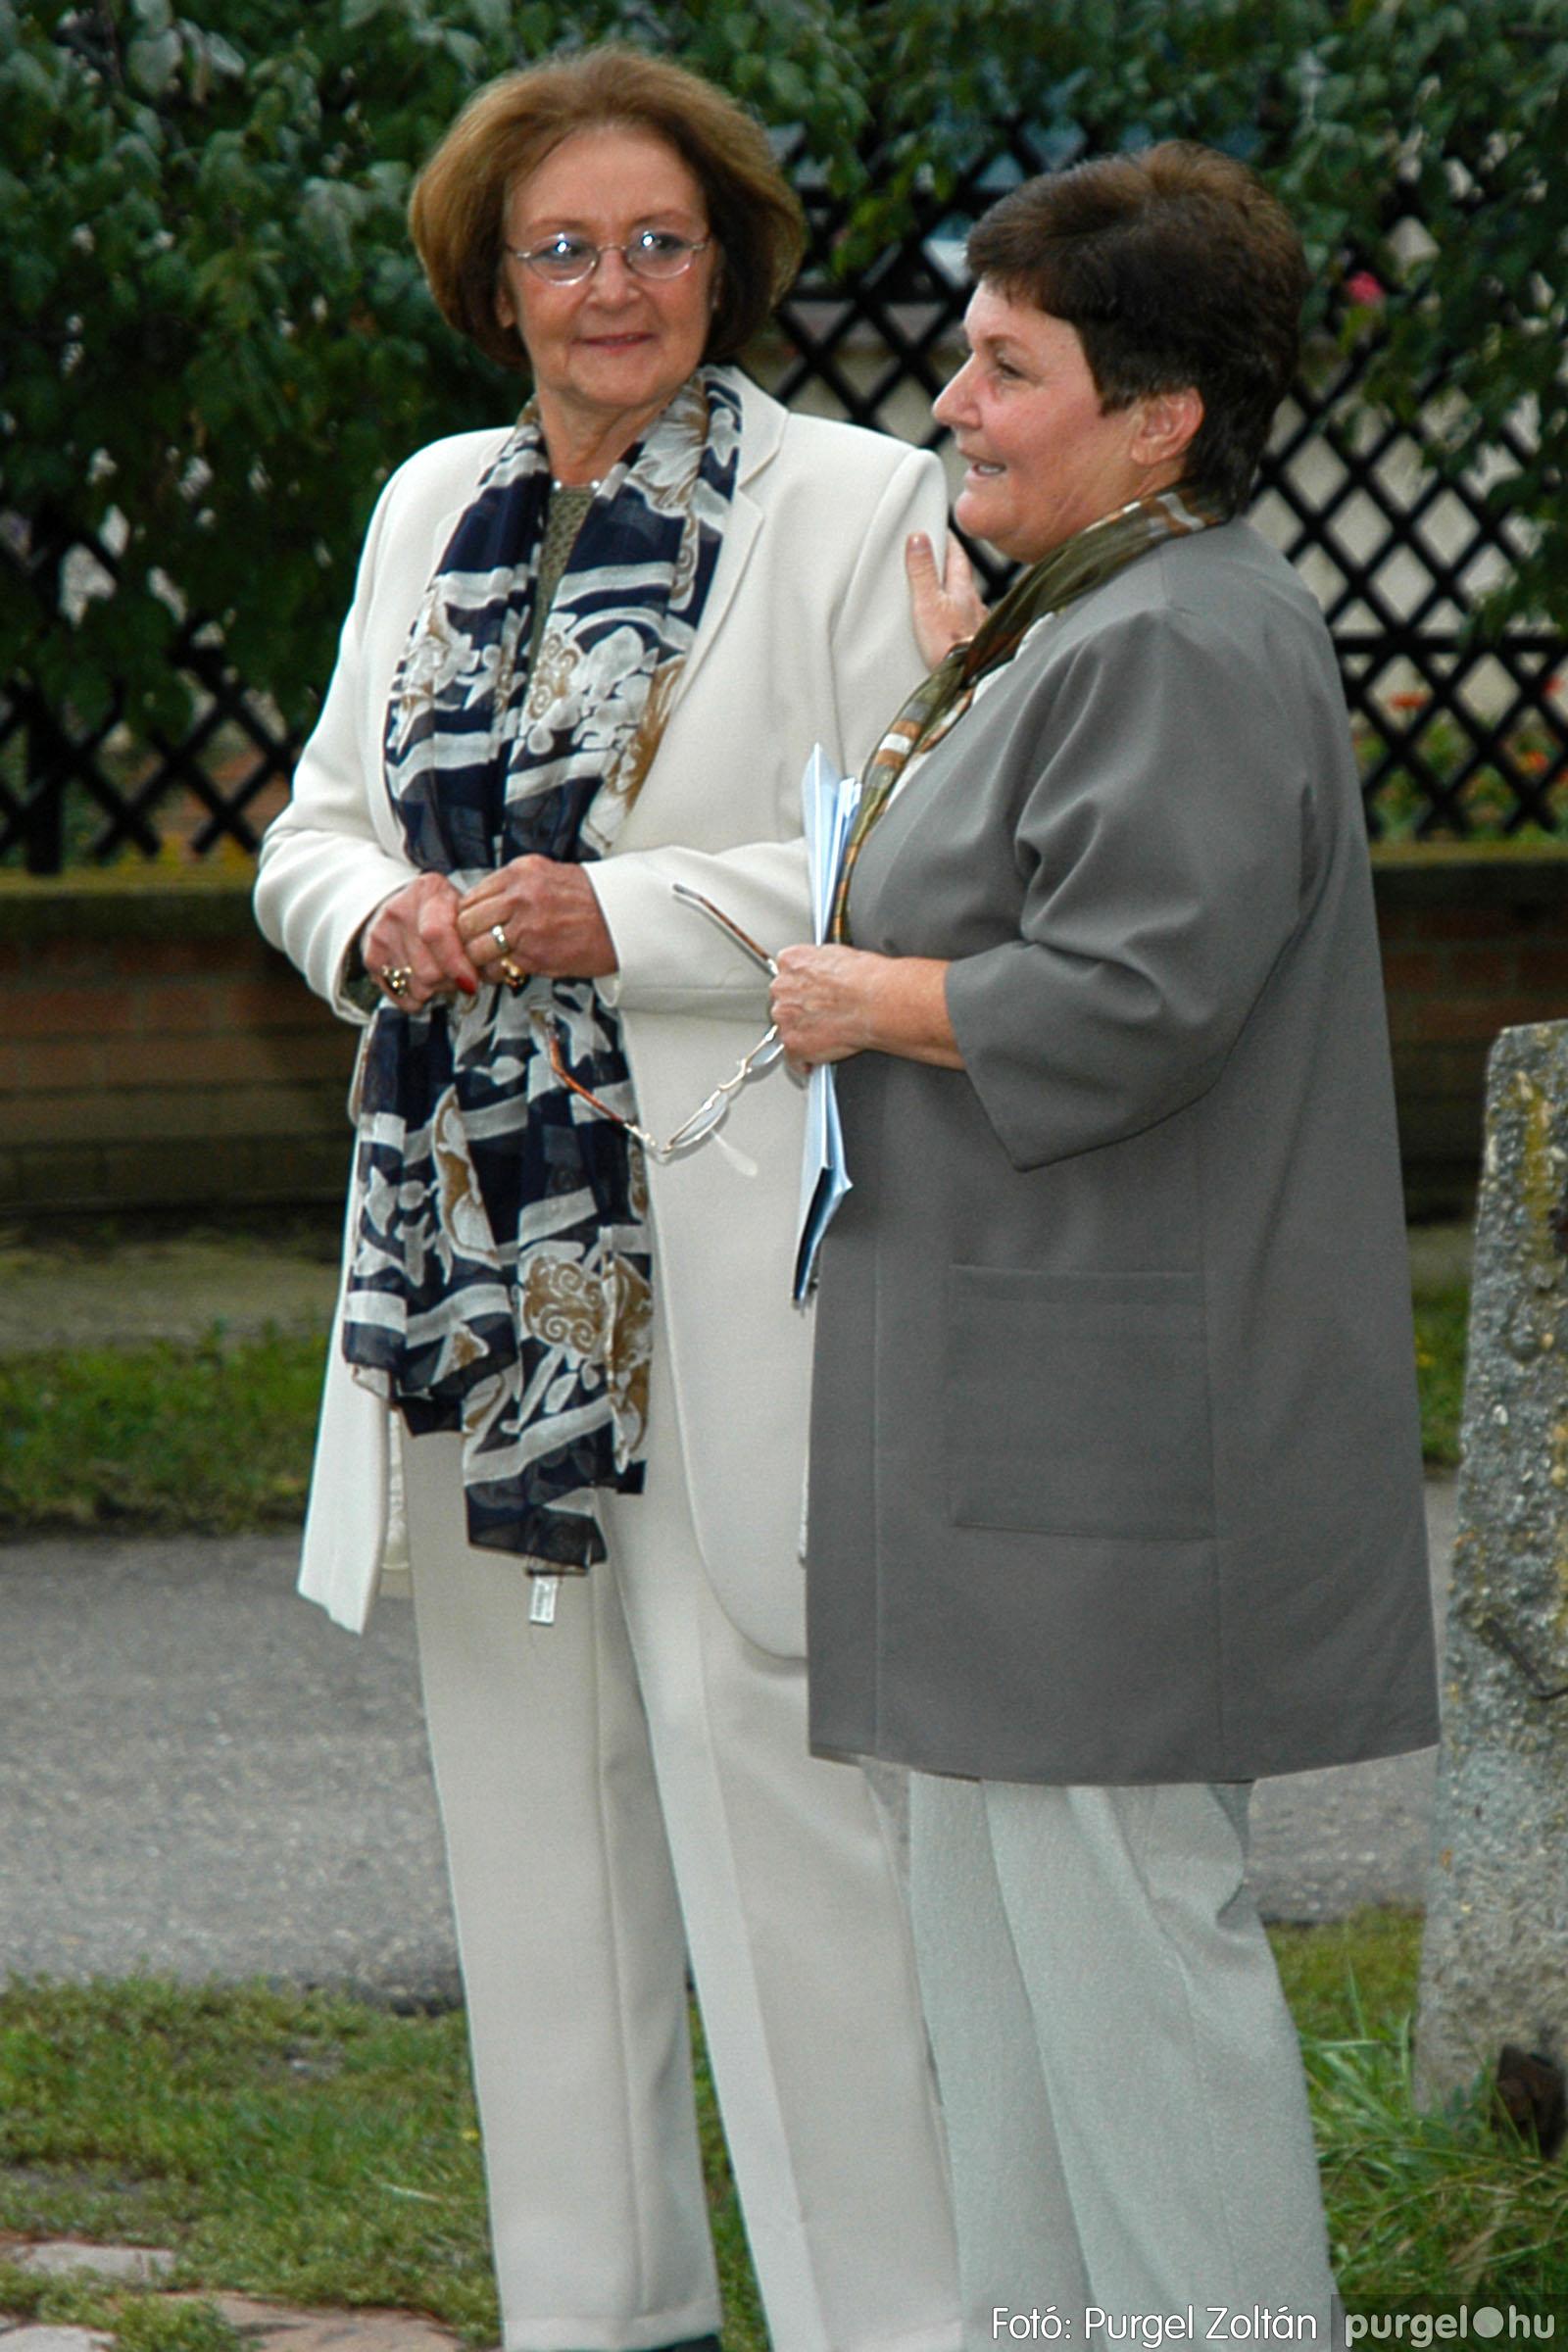 2004.09.25. 008 Dr. Csergő Károly alispán és kora című kiállítás és emléktábla avatás - Fotó:P. Z.©.jpg